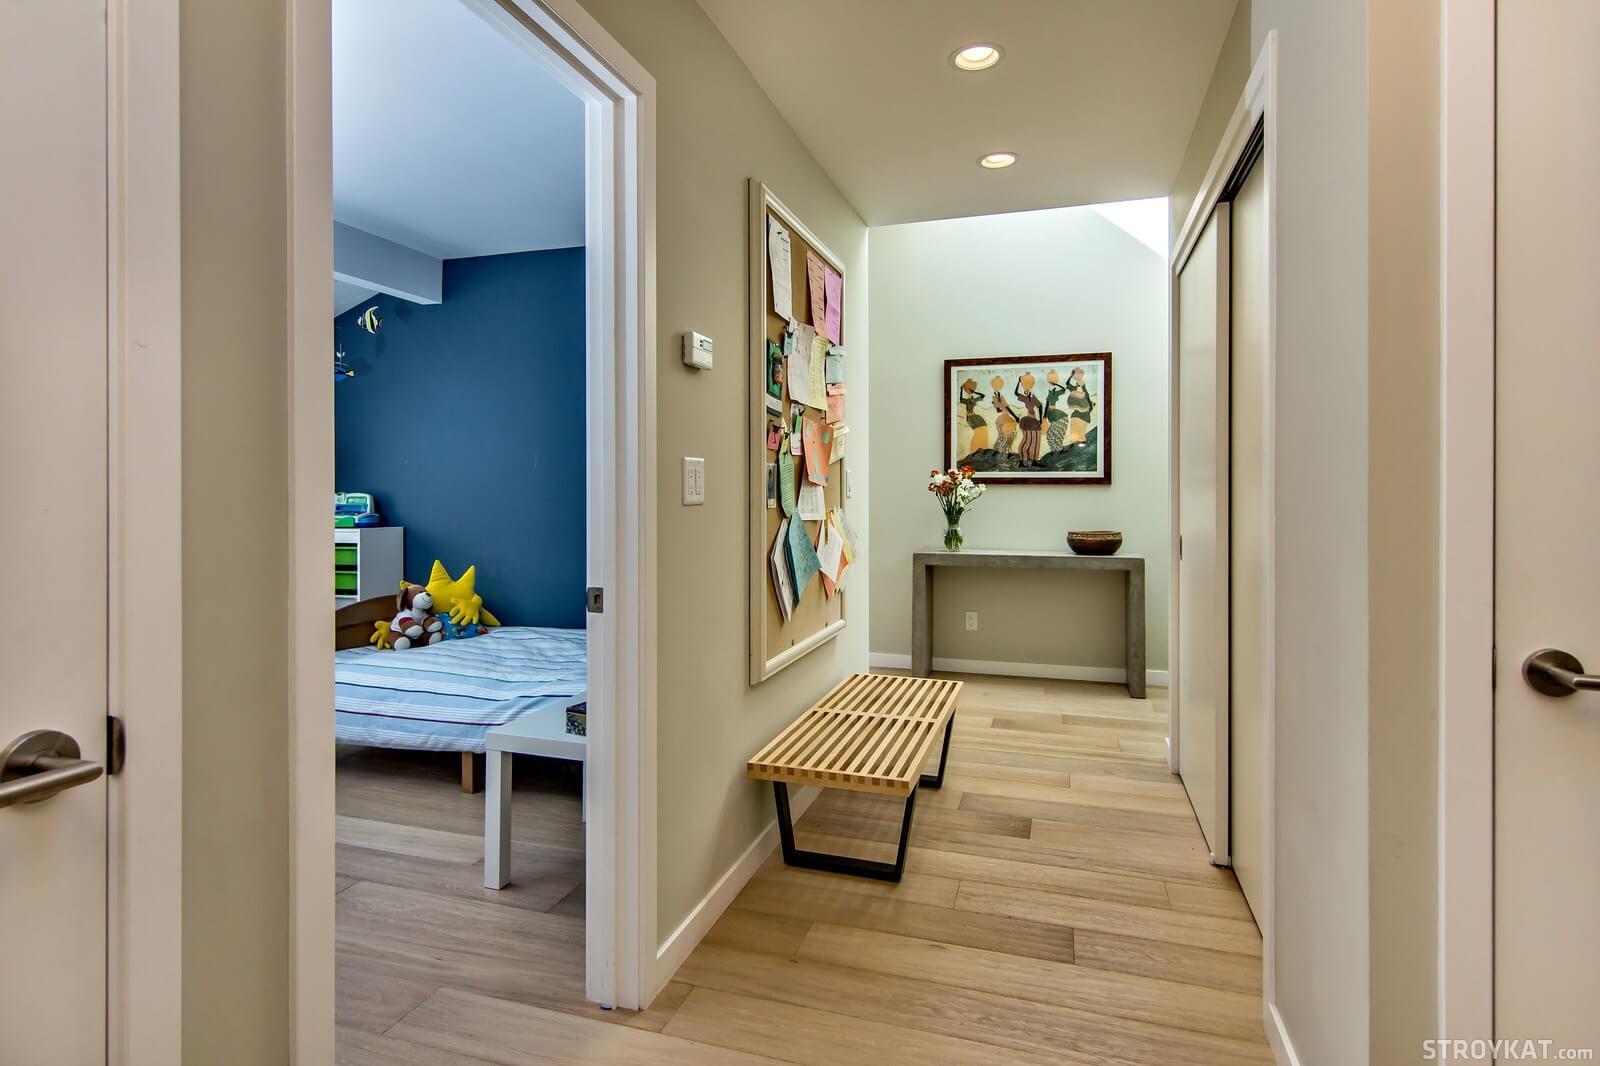 Обустройство дверных проемов в небольших квартирах